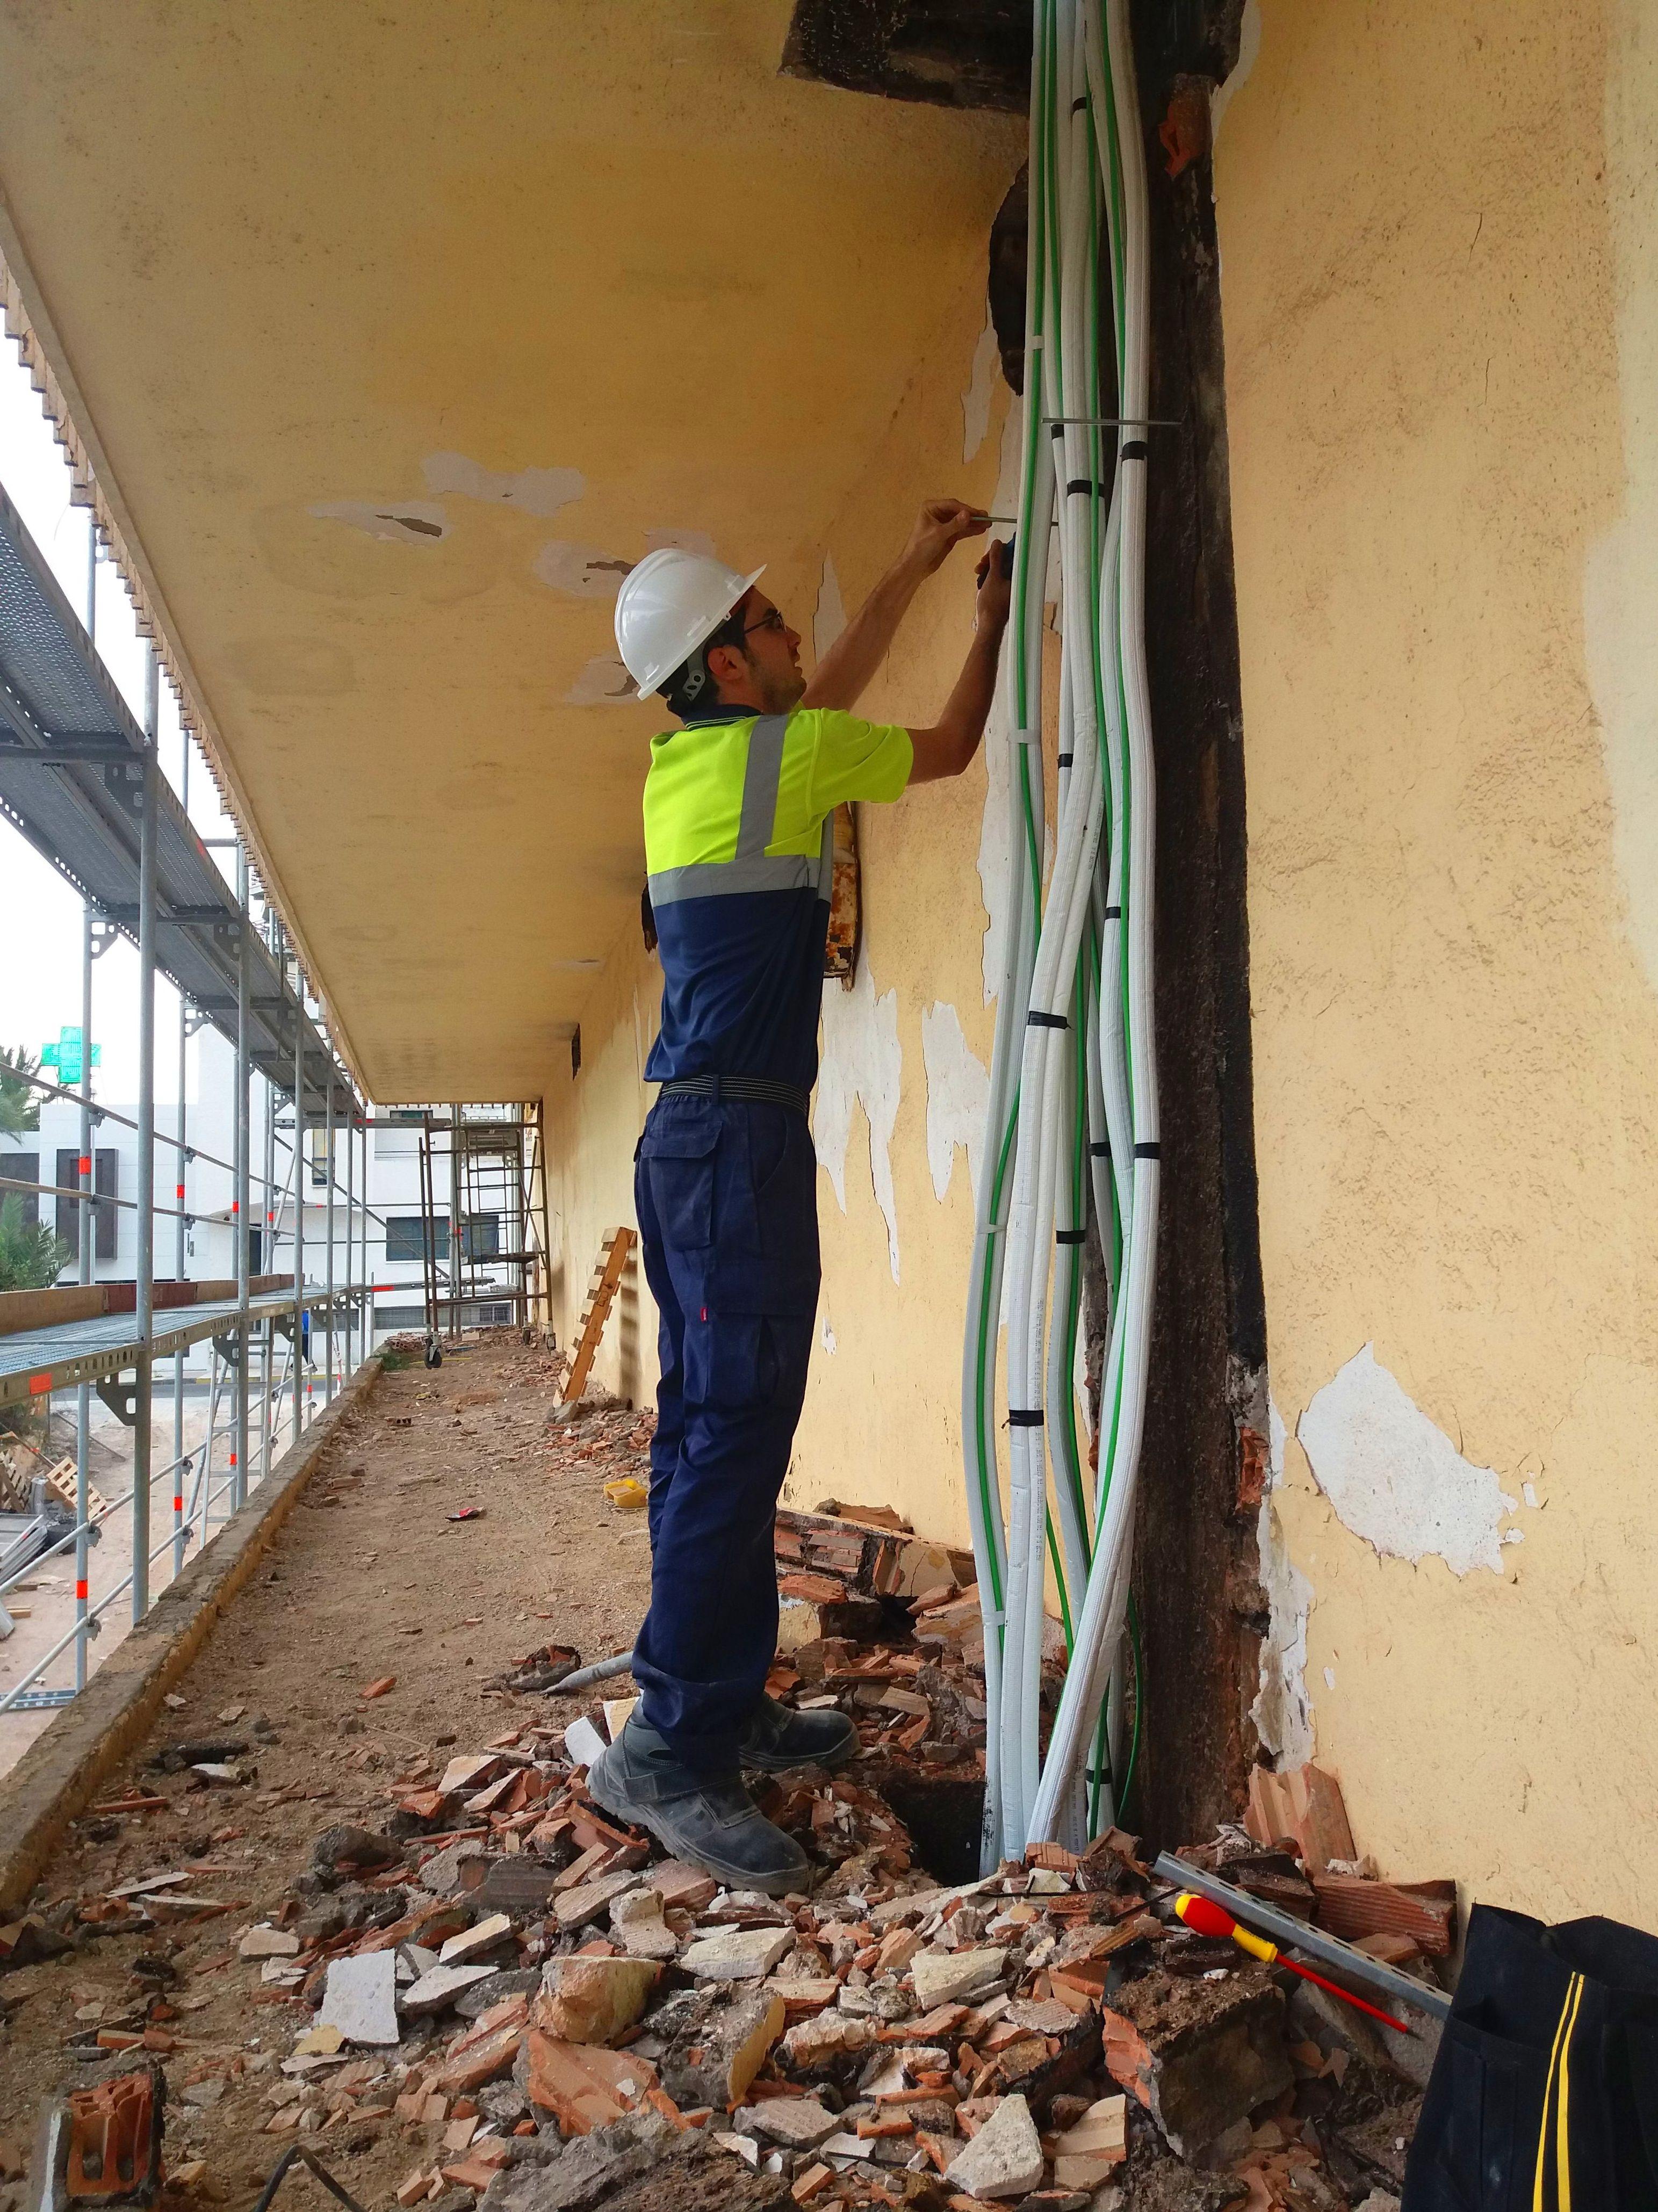 Reparaciones e instalaciones eléctricas en Roquetas de Mar